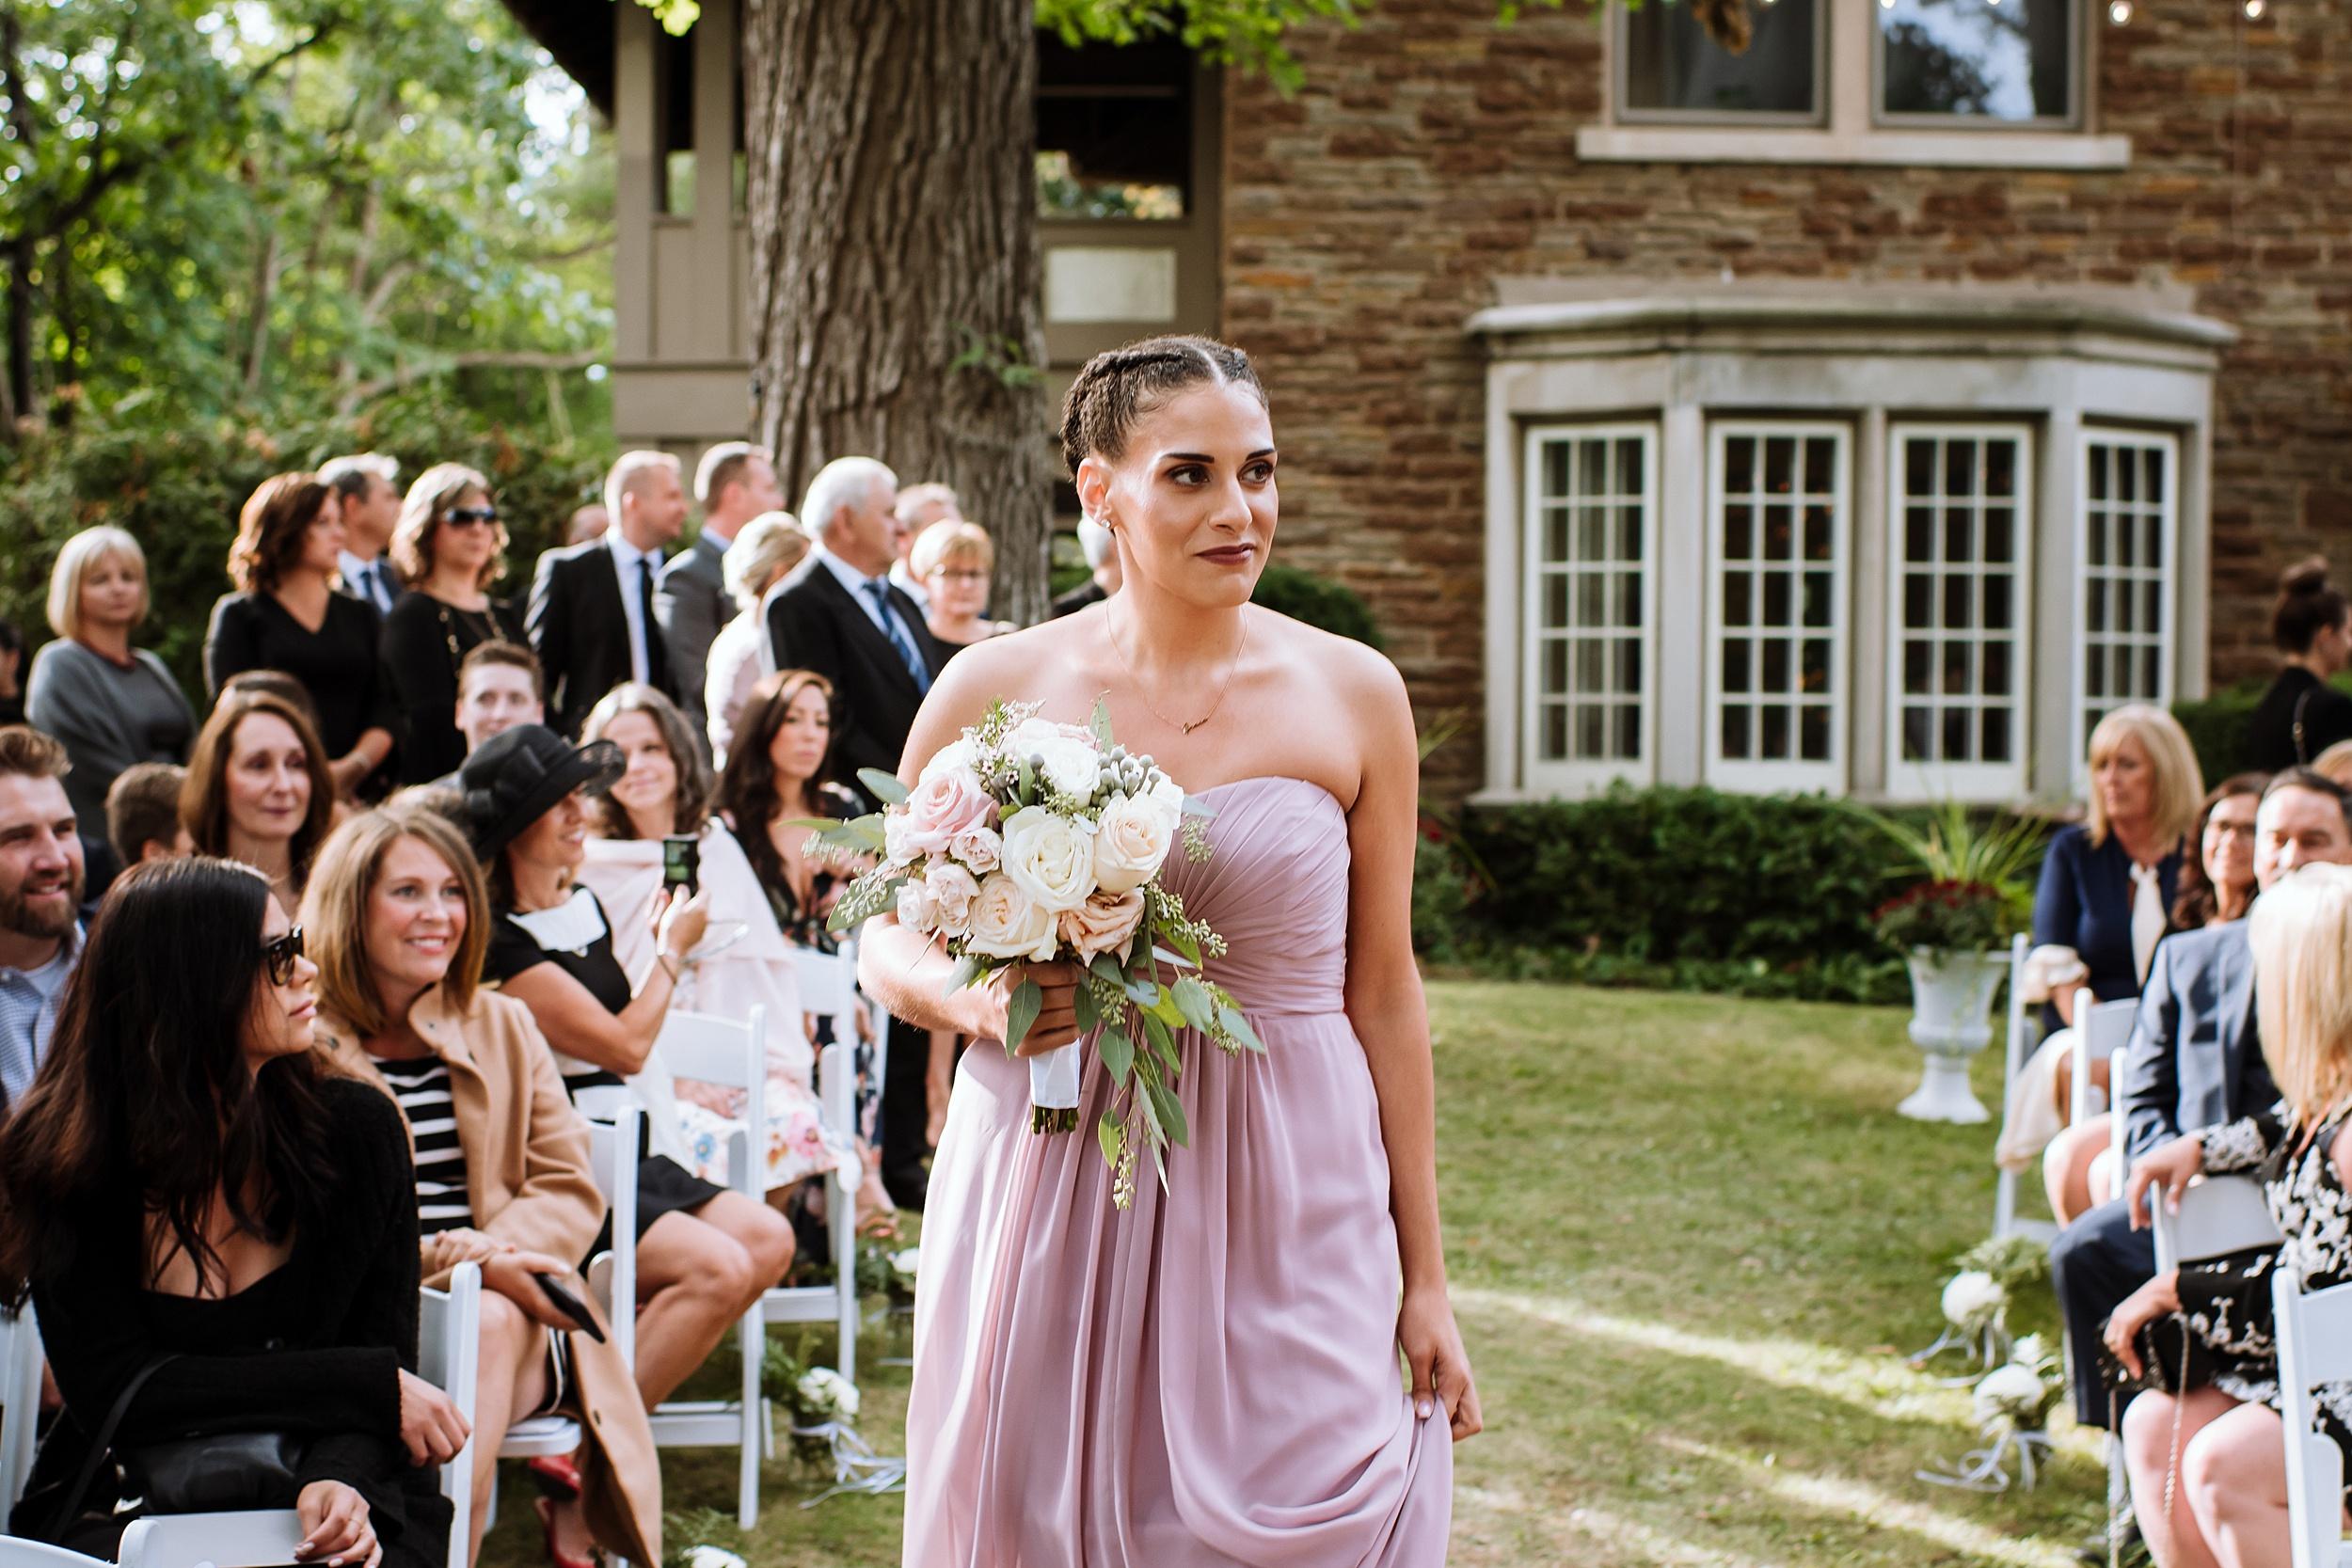 Rustic_Backyard_Wedding_Toronto_Photographer089.jpg